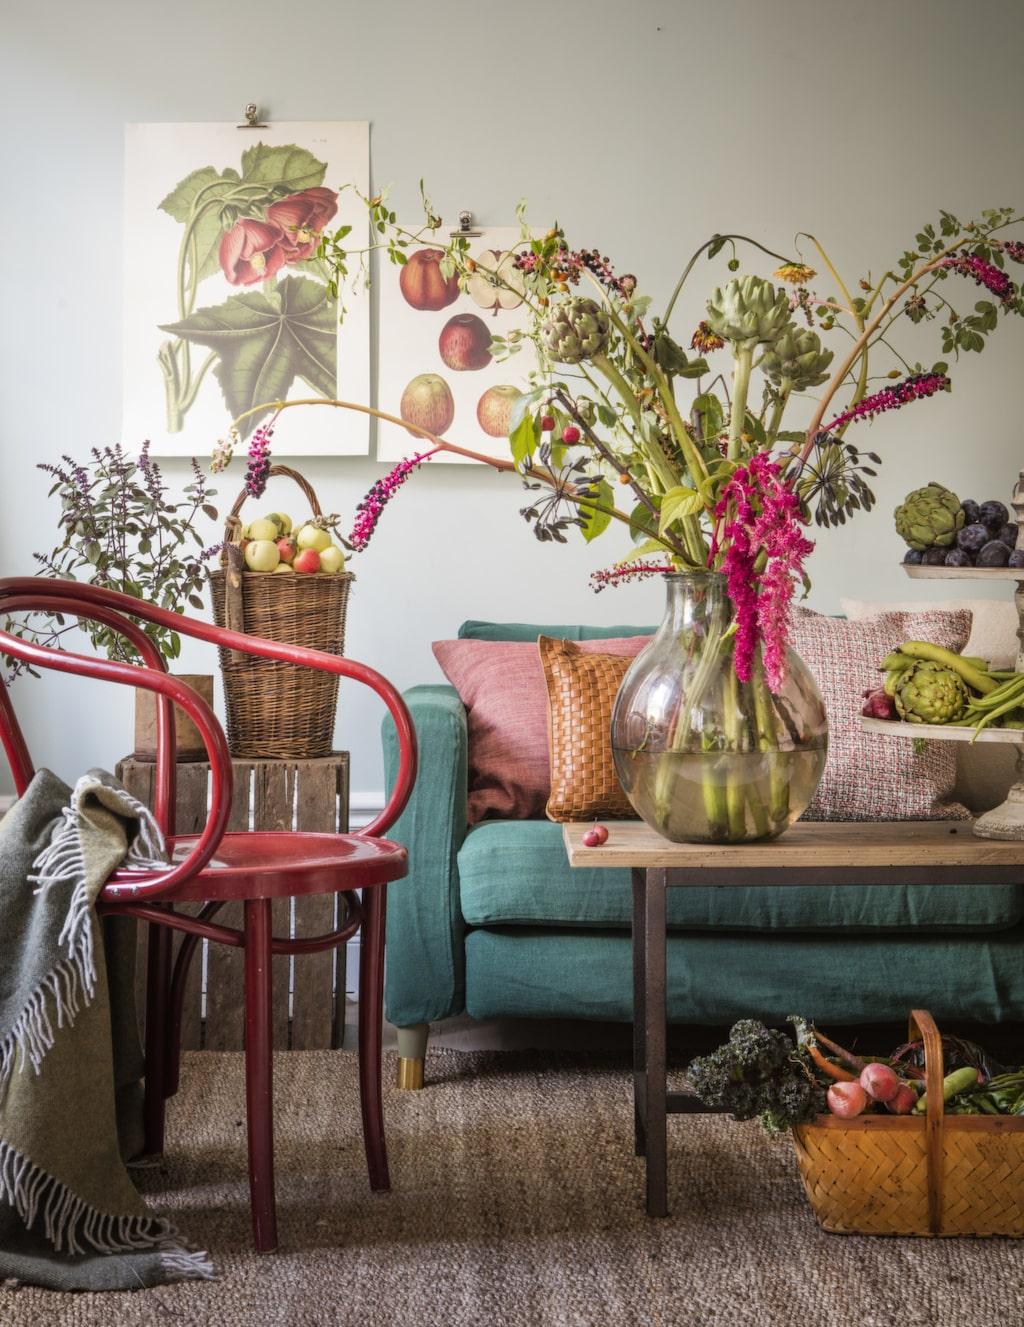 <p>Härlig vardagrum inspirerat av höstens skördefest! Bladgrönt, pumpaorange och rödlöksrött.<br></p>